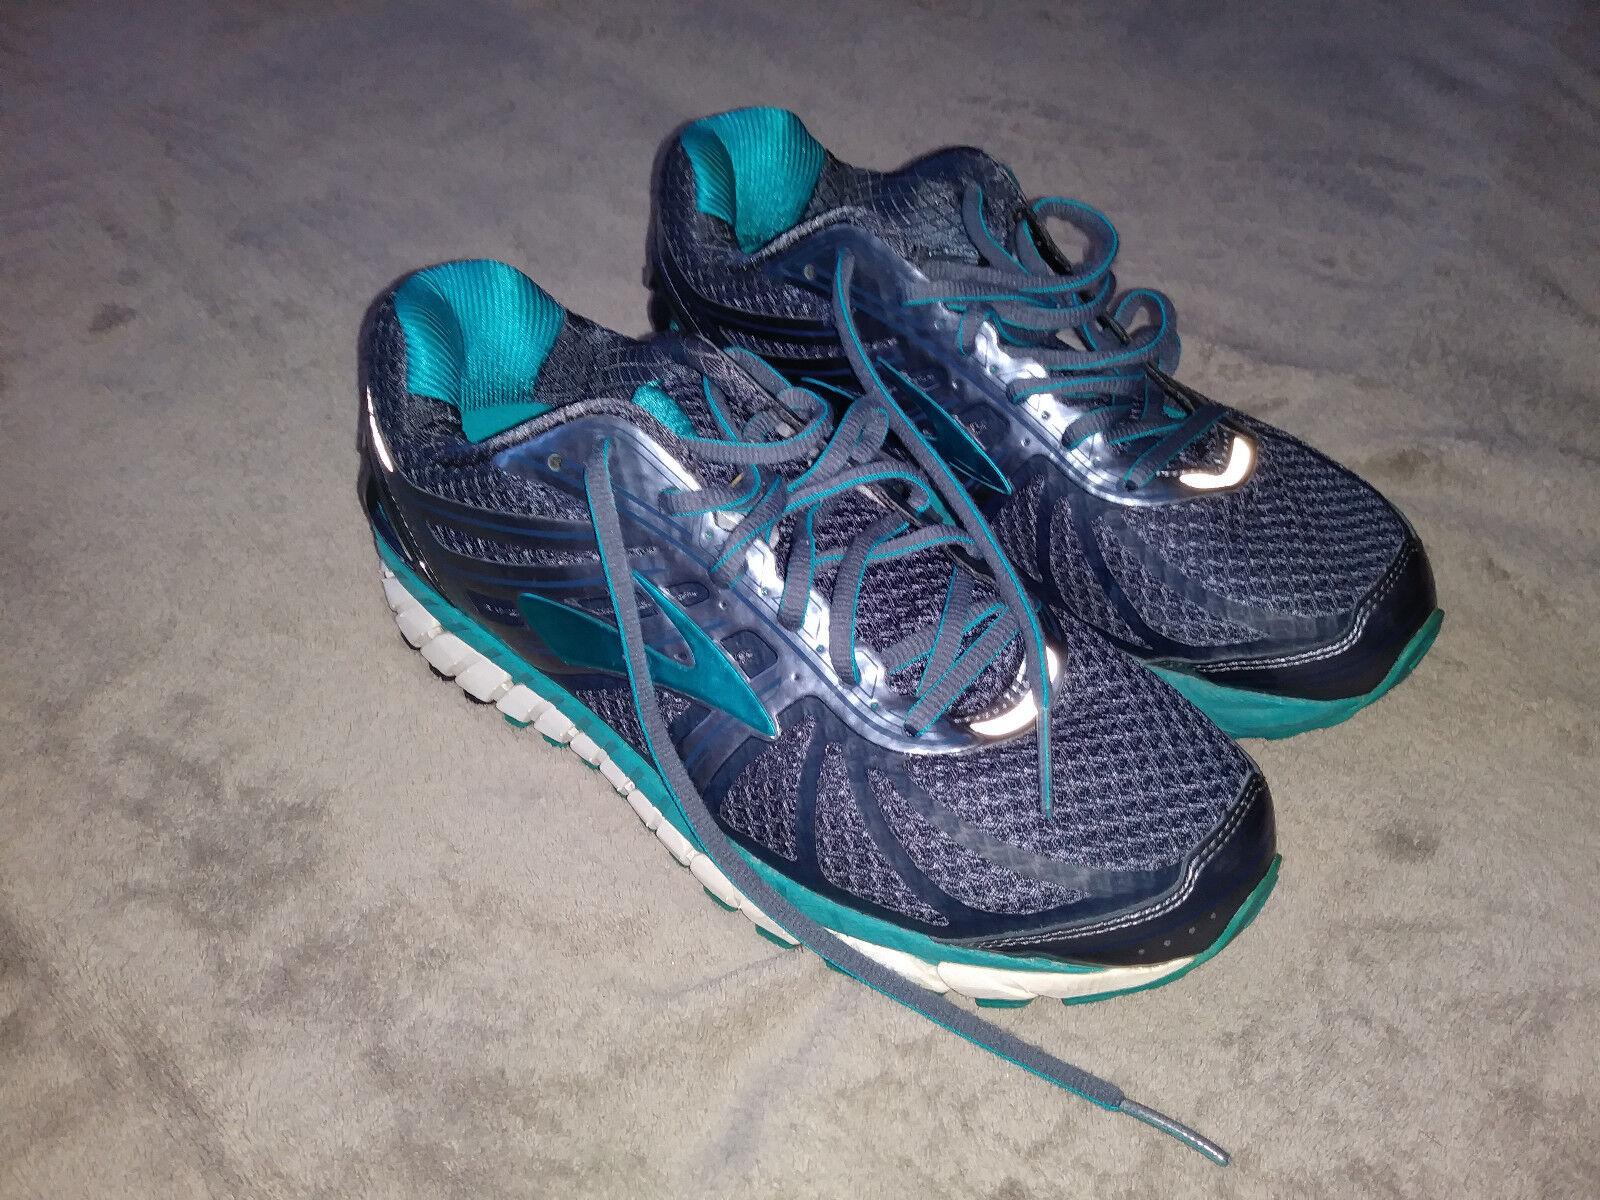 Brooks Ariel 16 16 16 Size US 9 Wide (D) Women's Running shoes 1202191B453 8d58ff